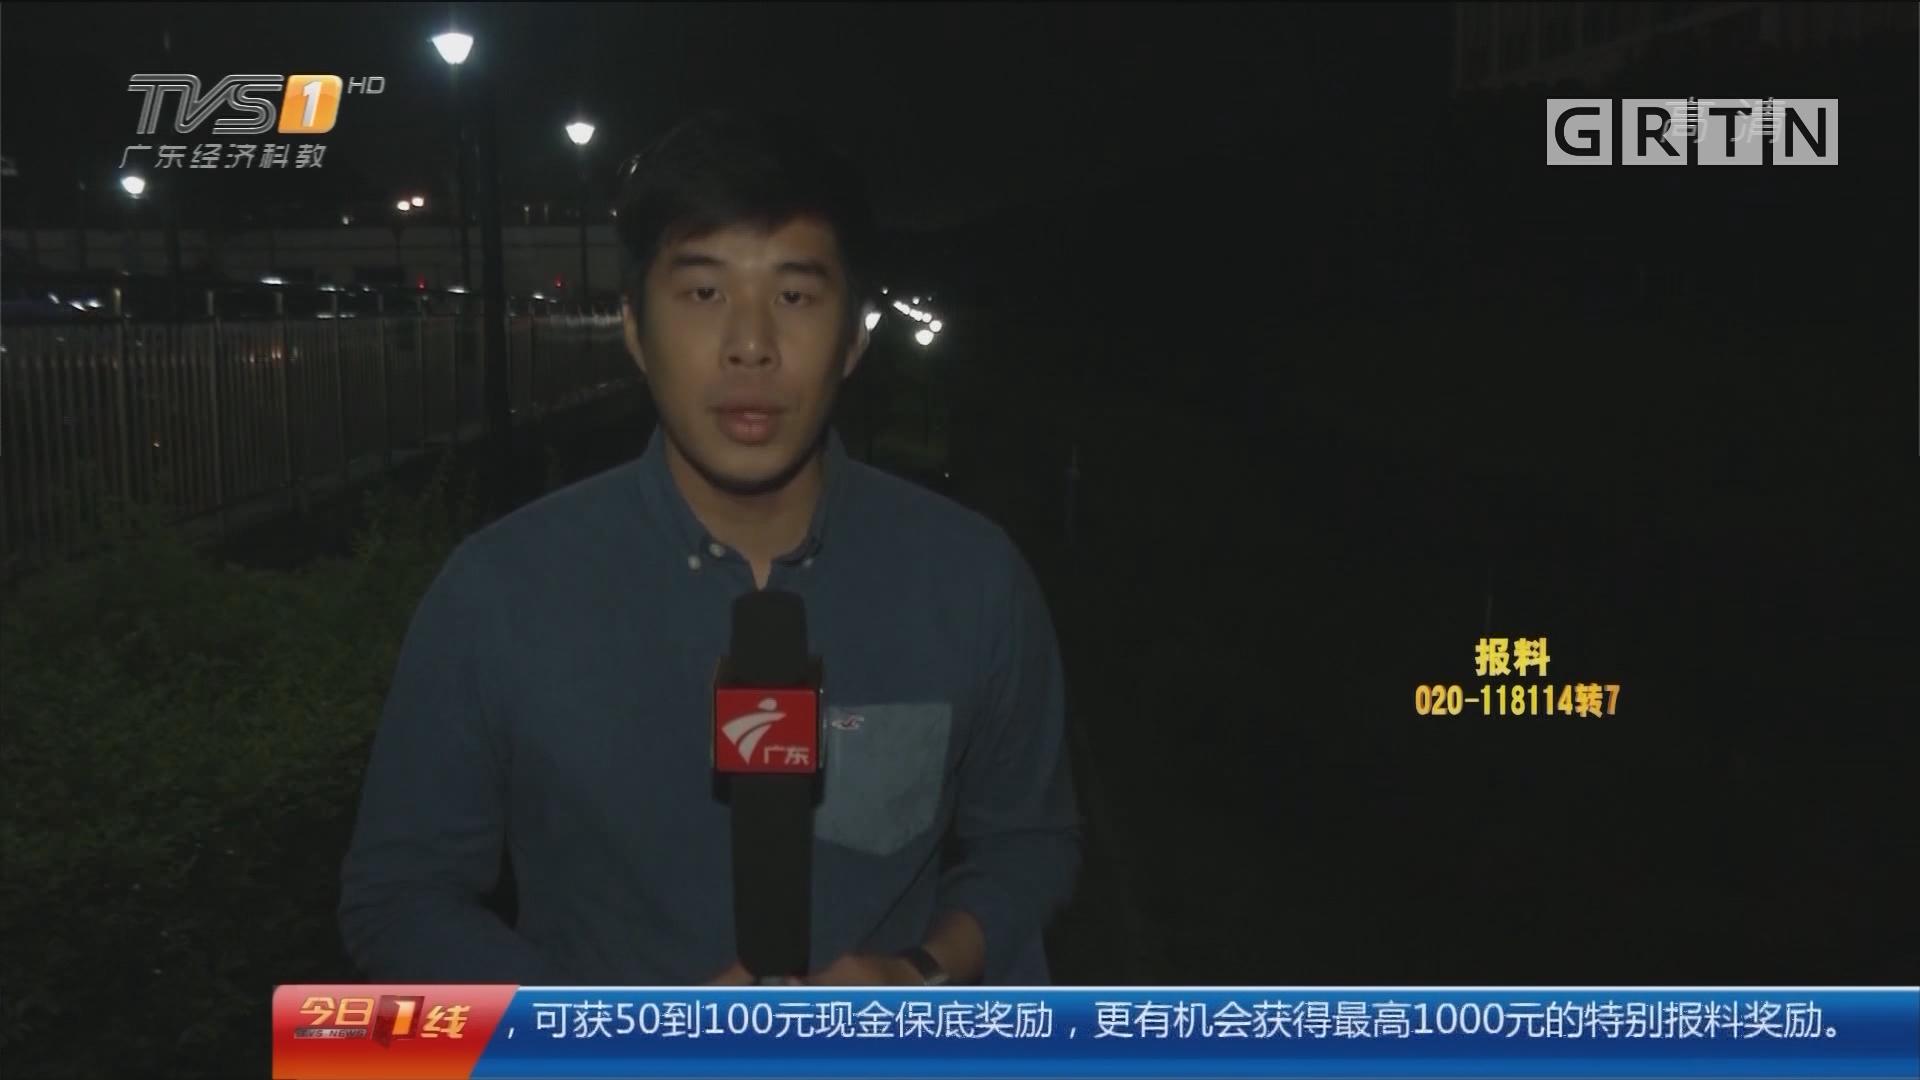 今夜最新:深圳罗湖救援进展 最新情况:2名失联工人遗体找到 搜救继续